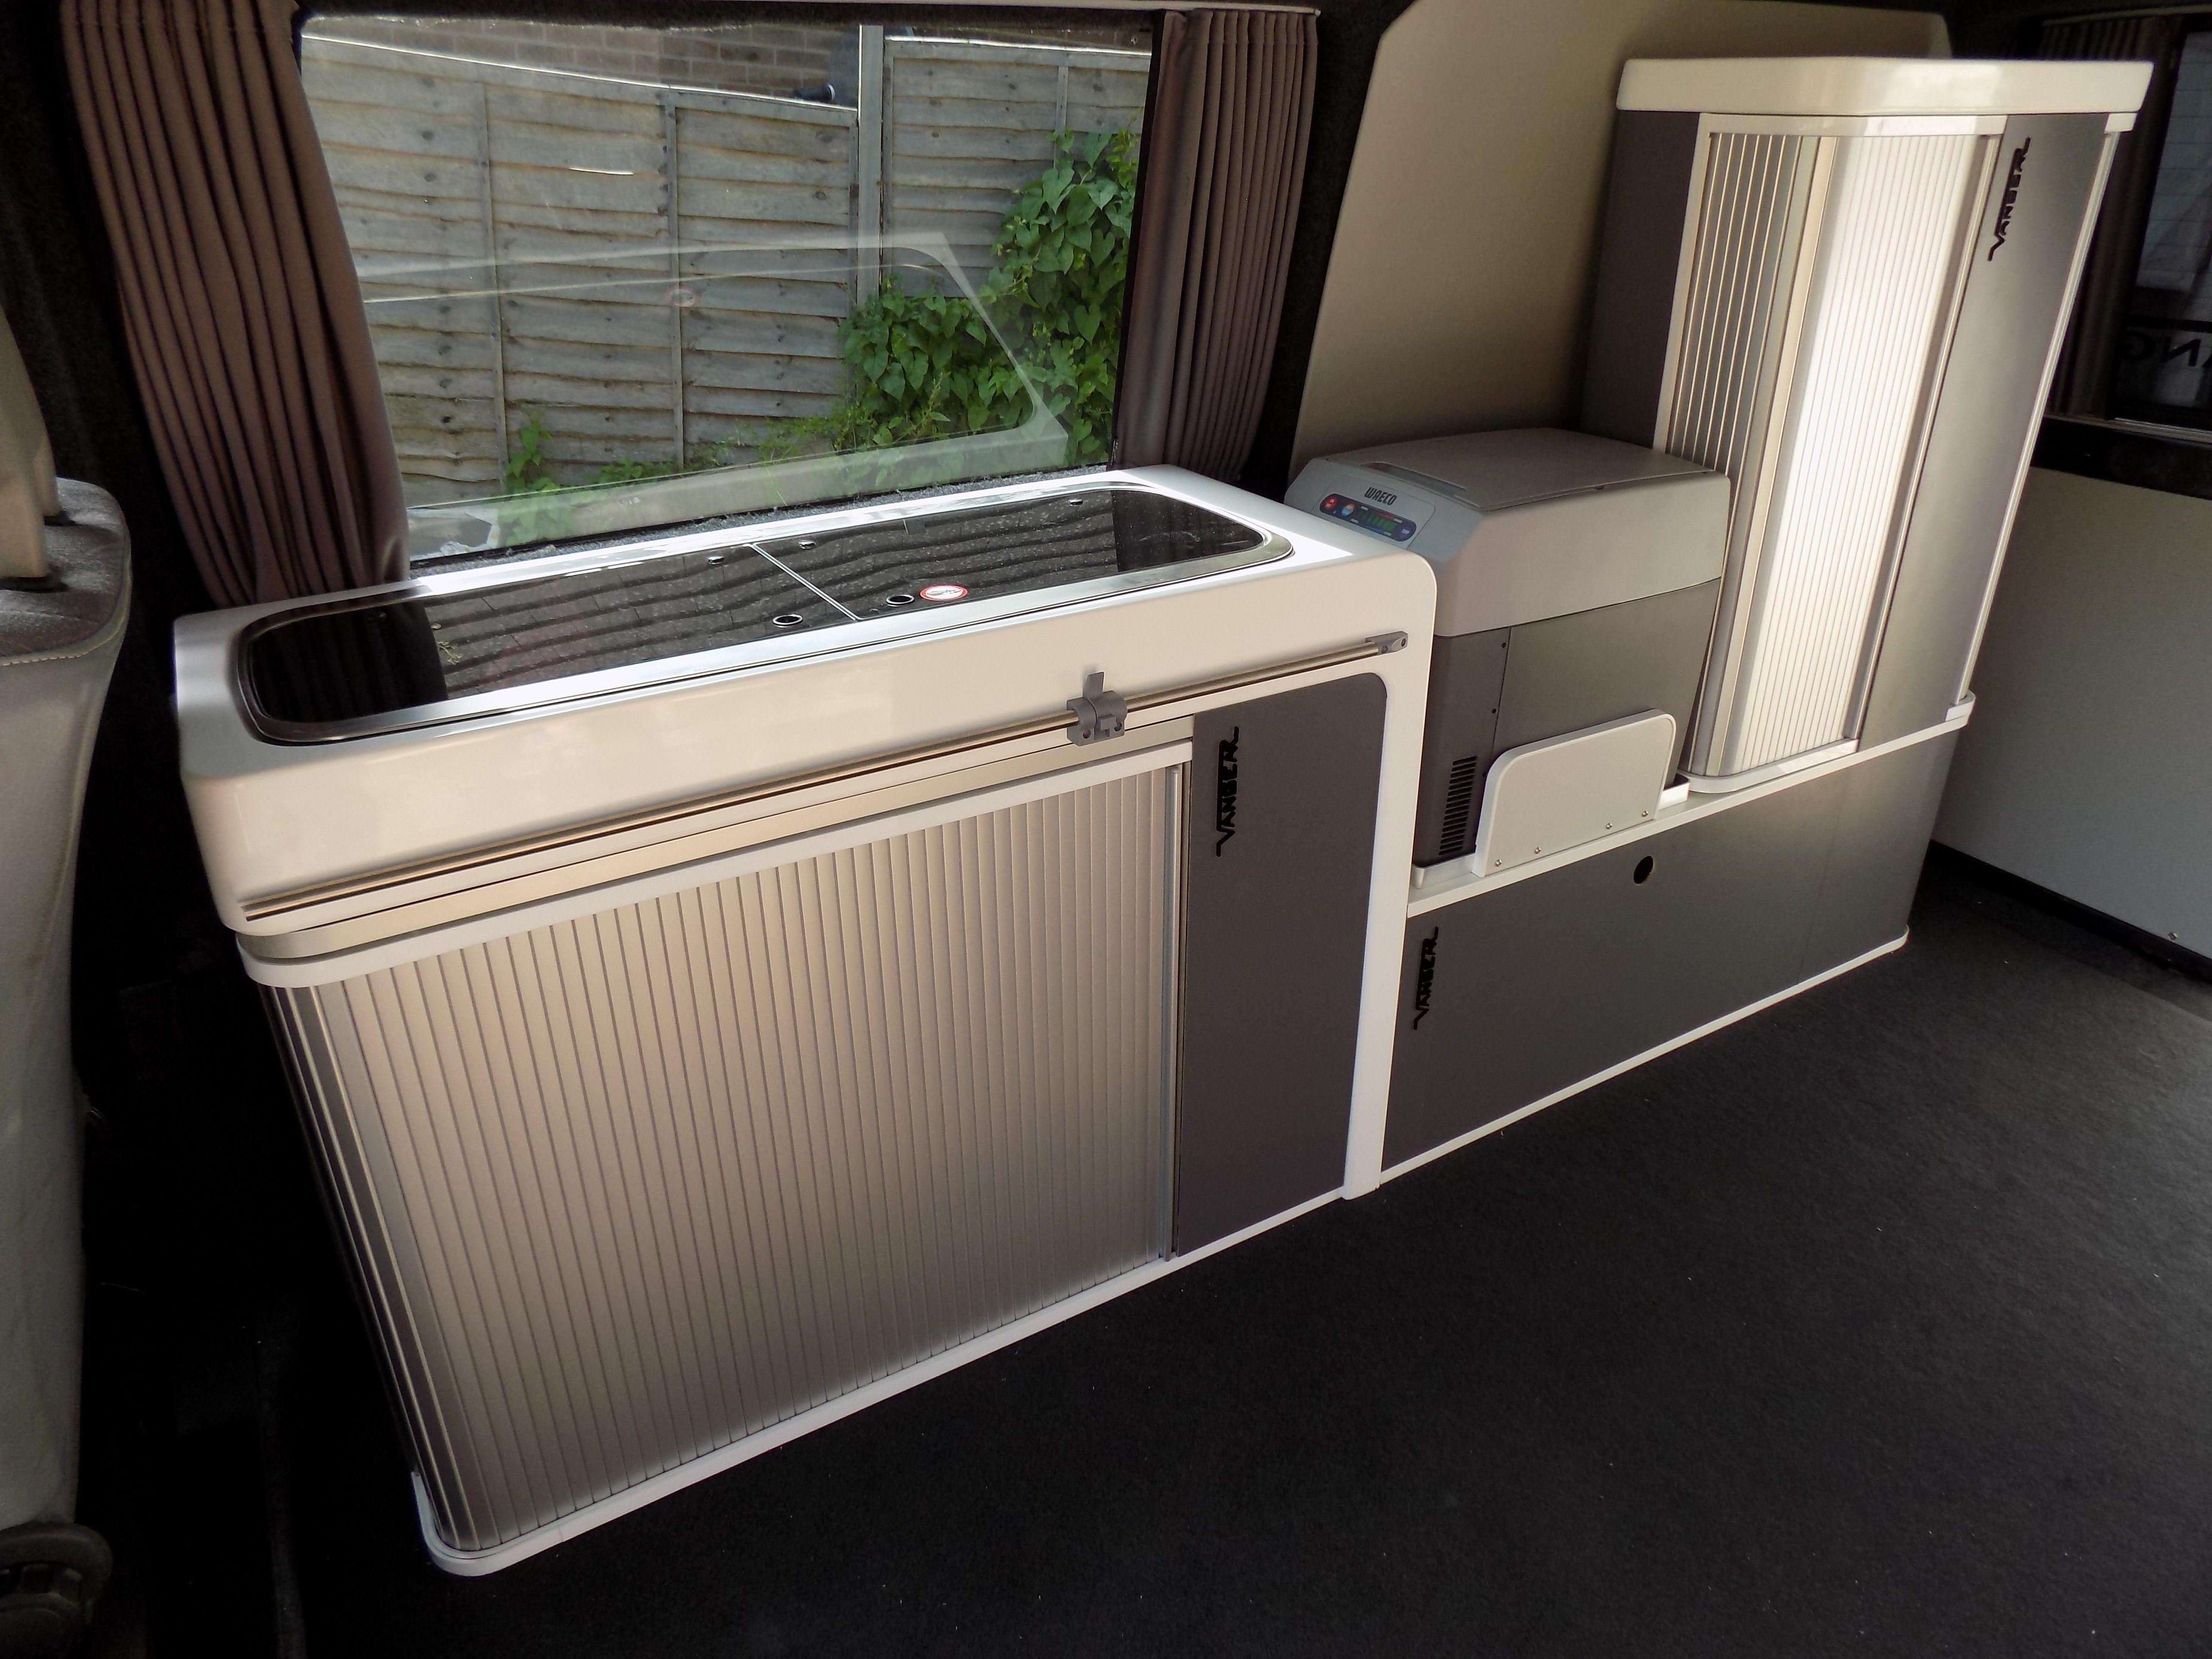 Vangear campervan units/pods for camper conversion with sink, hob ...